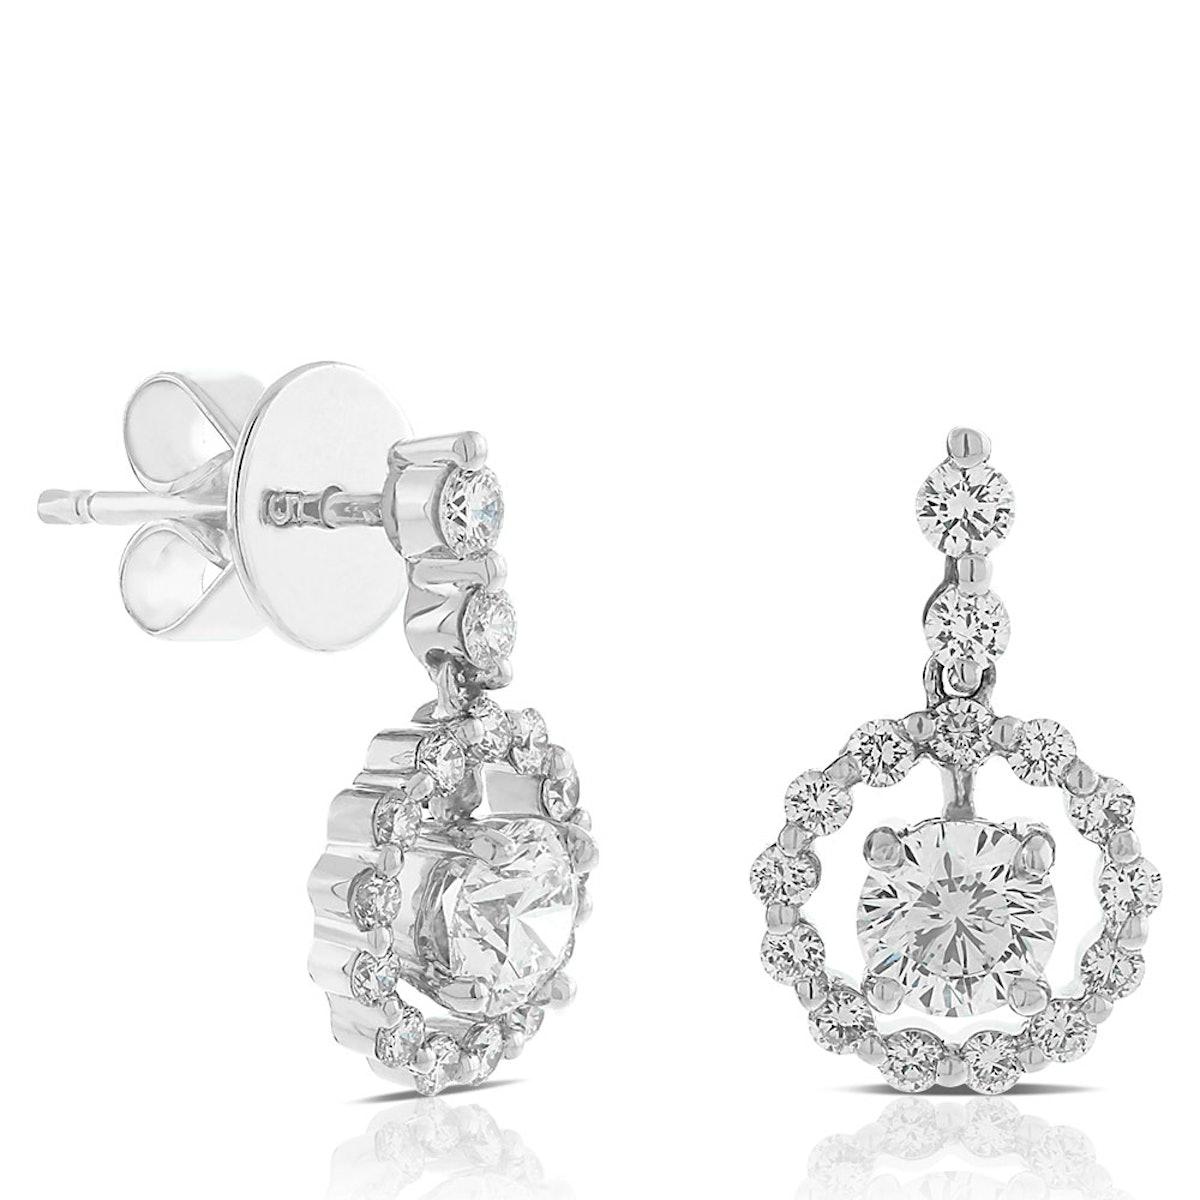 Signature Forevermark Diamond Circle Earrings in 18K White Gold